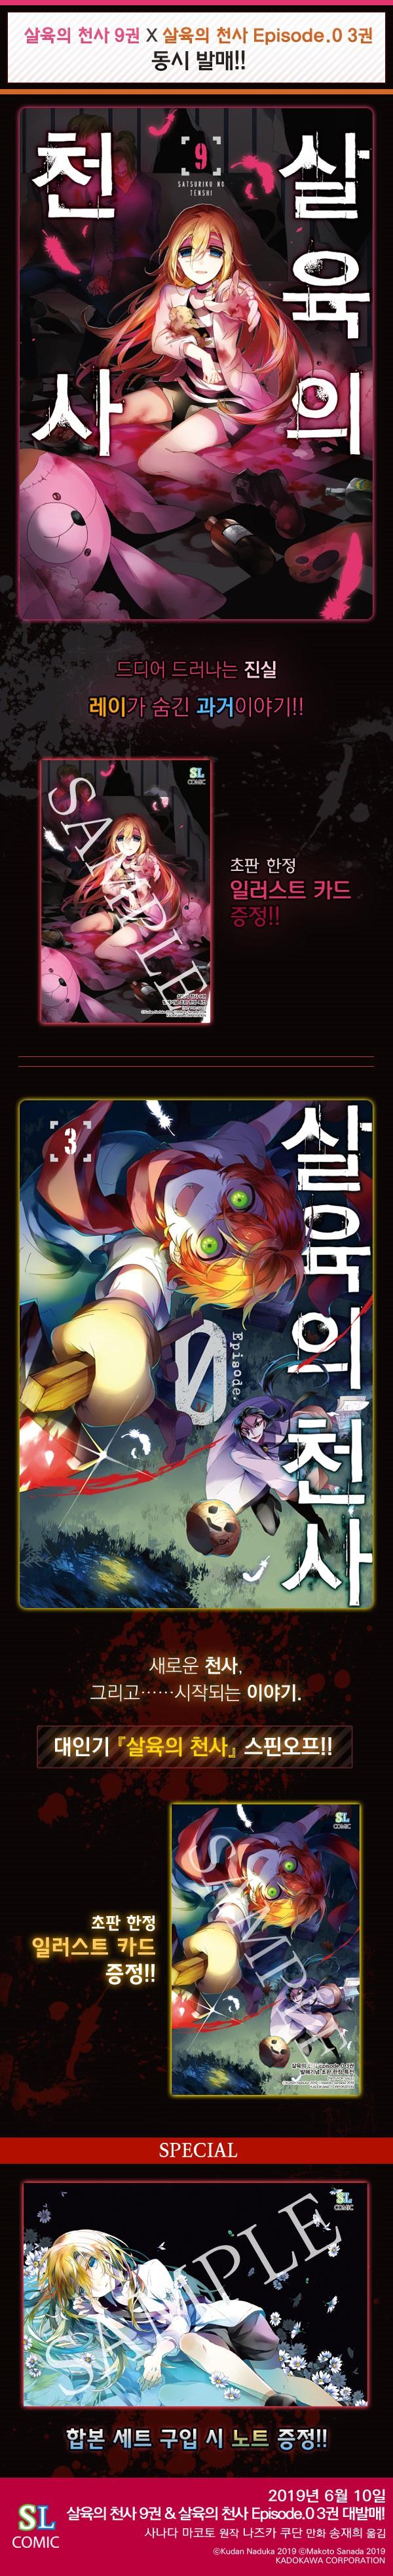 살육의 천사 9권 & 살육의 천사 Episode.0 3권 합본 세트(SL 코믹스)(전2권) 도서 상세이미지